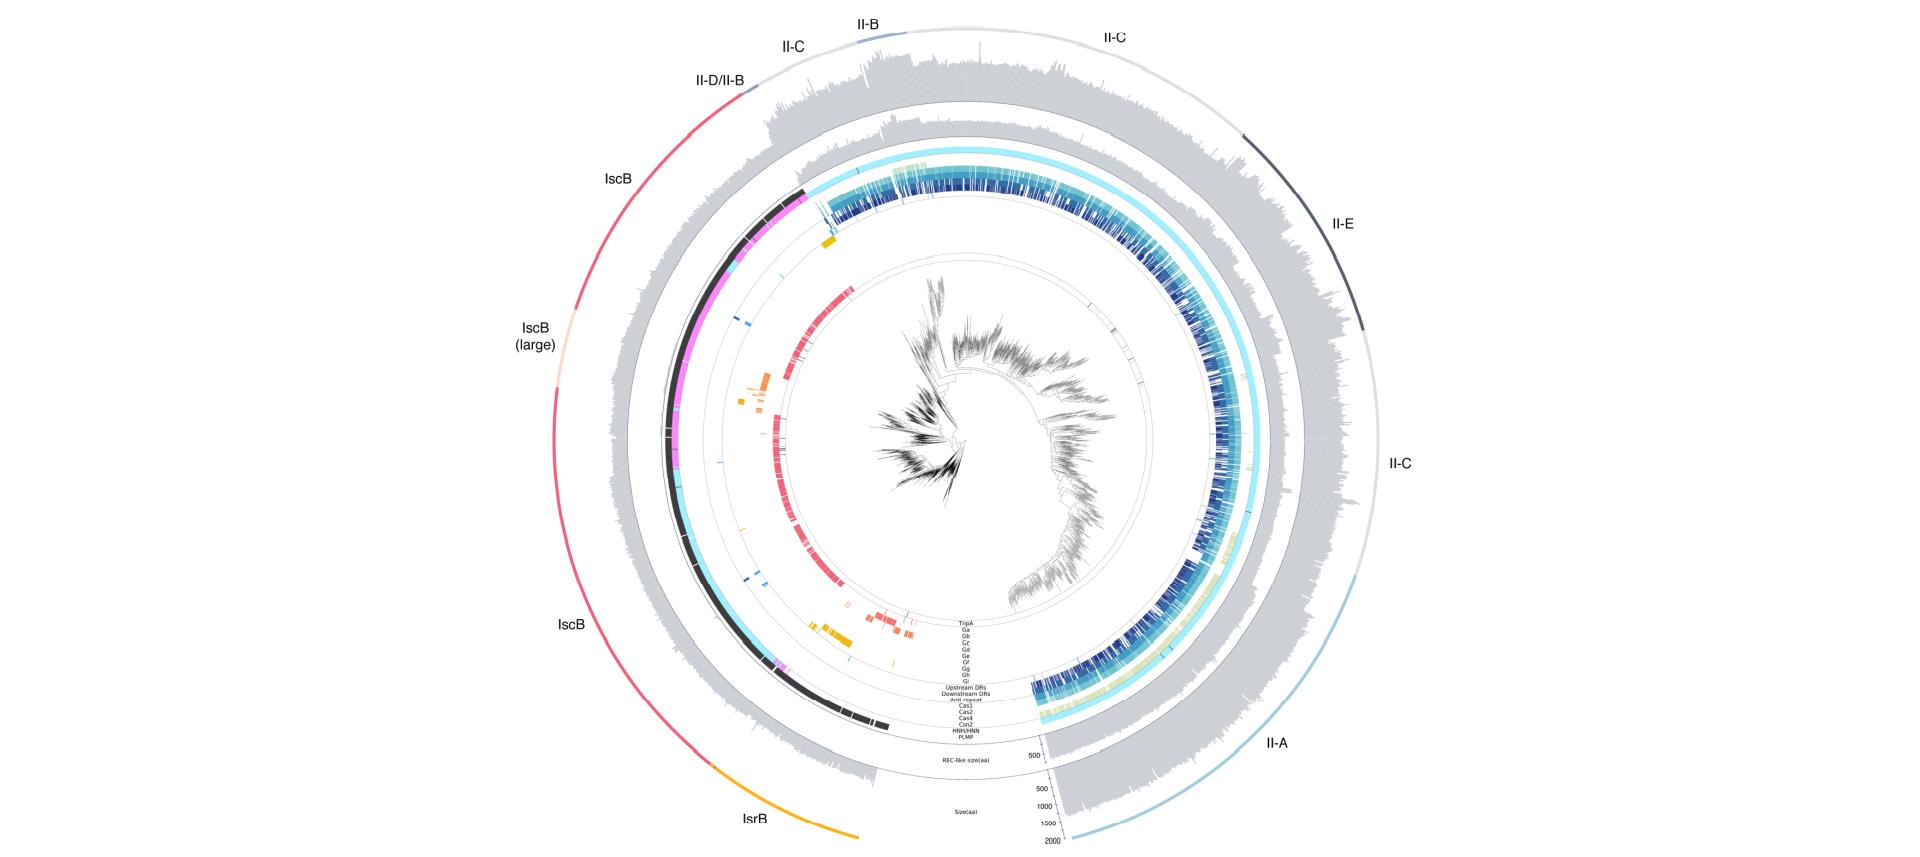 Филогенетическое древо доменов IsrB, IscB иCas9.